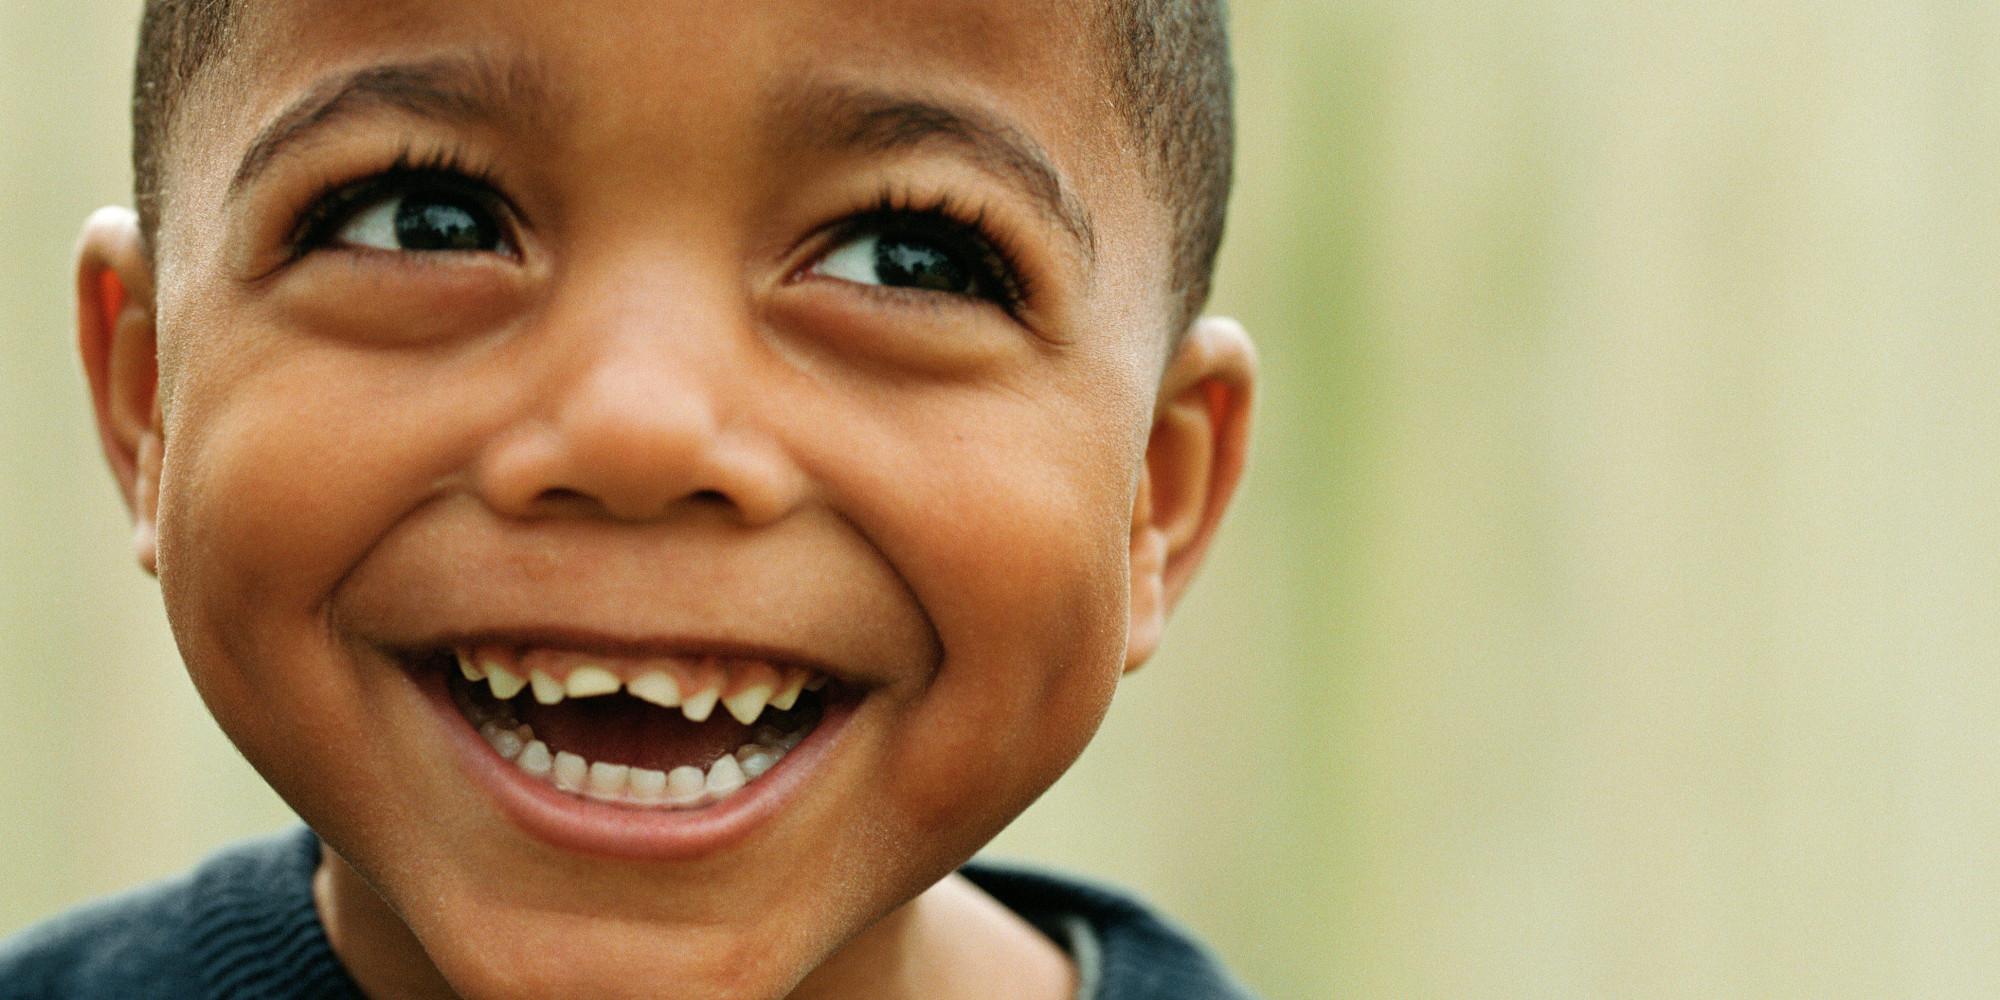 Happy kid photo